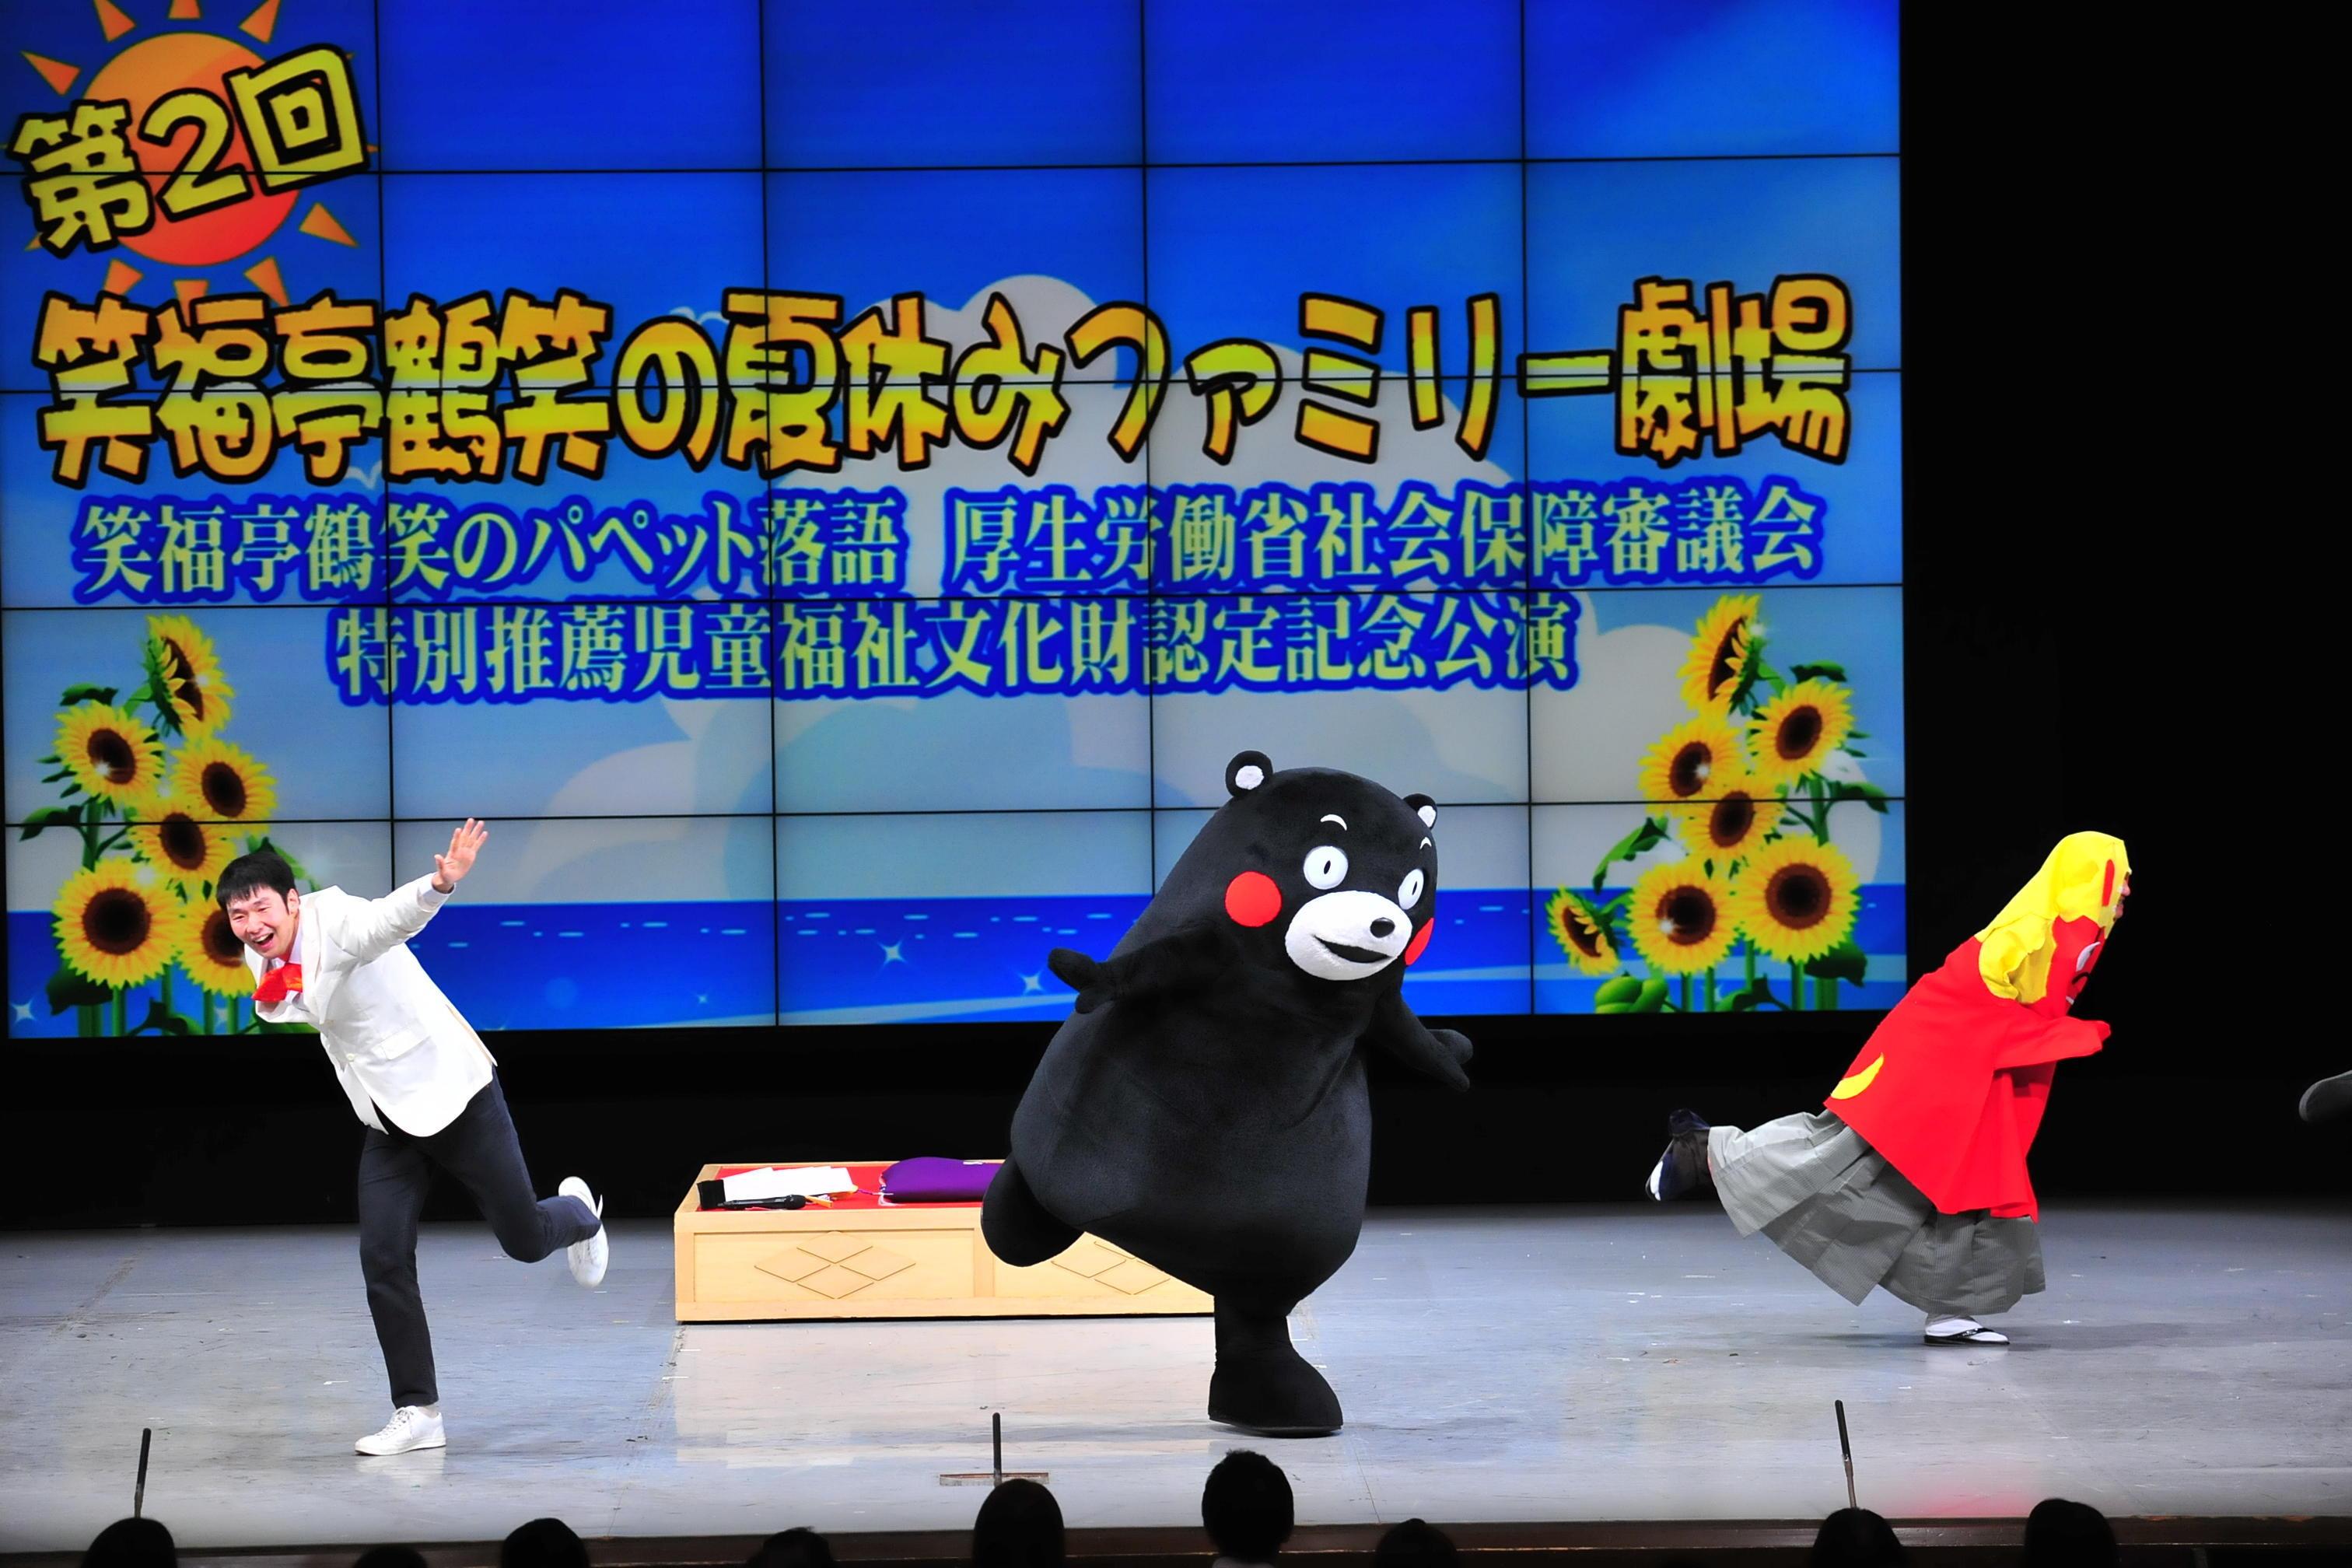 http://news.yoshimoto.co.jp/20160810000026-6cc77501f1060358e30015b1b567005920871edb.jpg